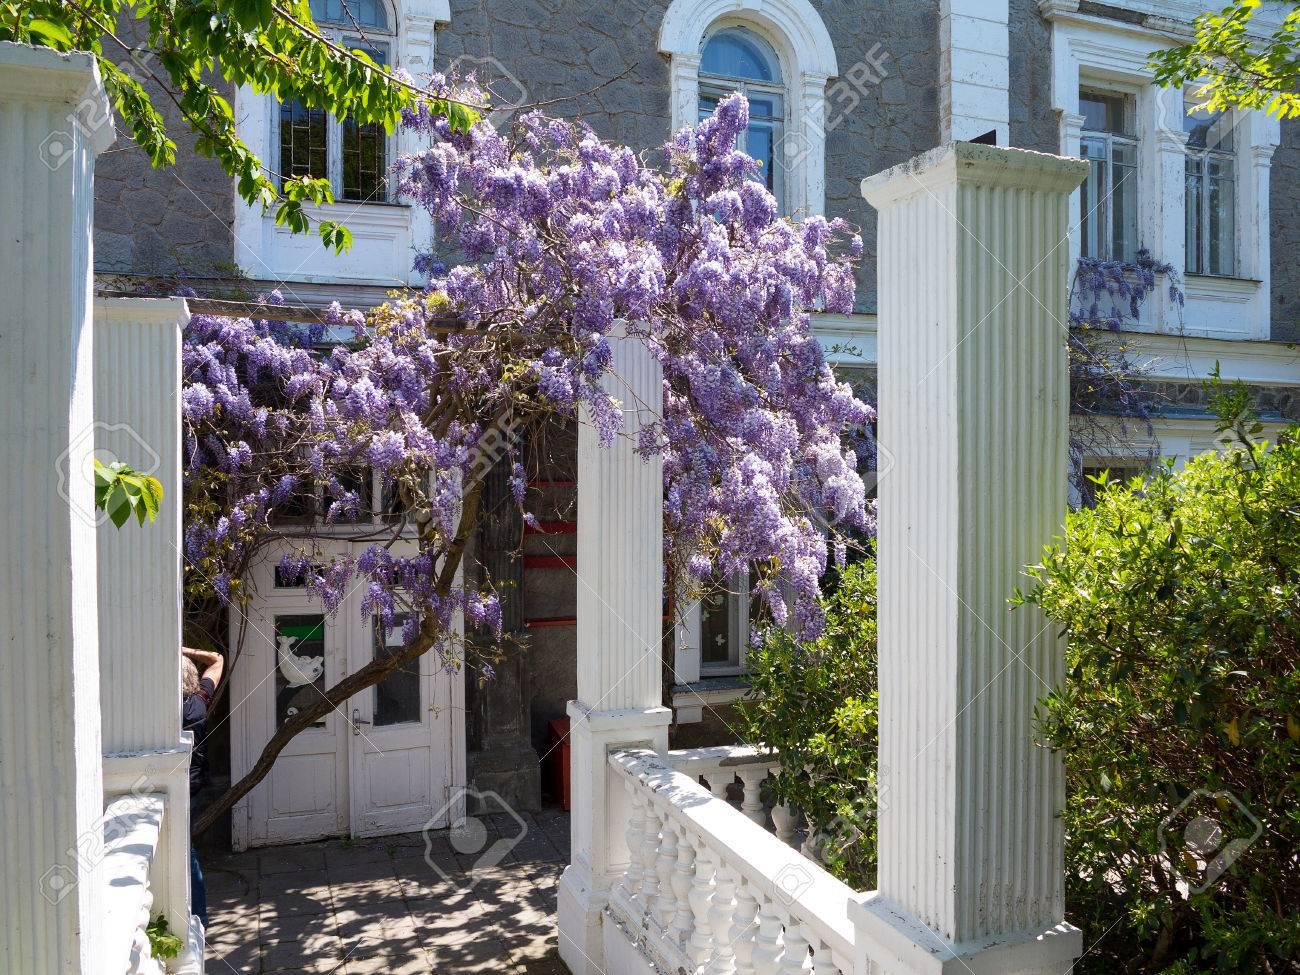 Couleur Façade Maison Ancienne façade de l'ancienne maison de maître encadrée de grappes violettes de  glycines aux feuilles vertes à peine fleuries. la palette de couleurs  douces de